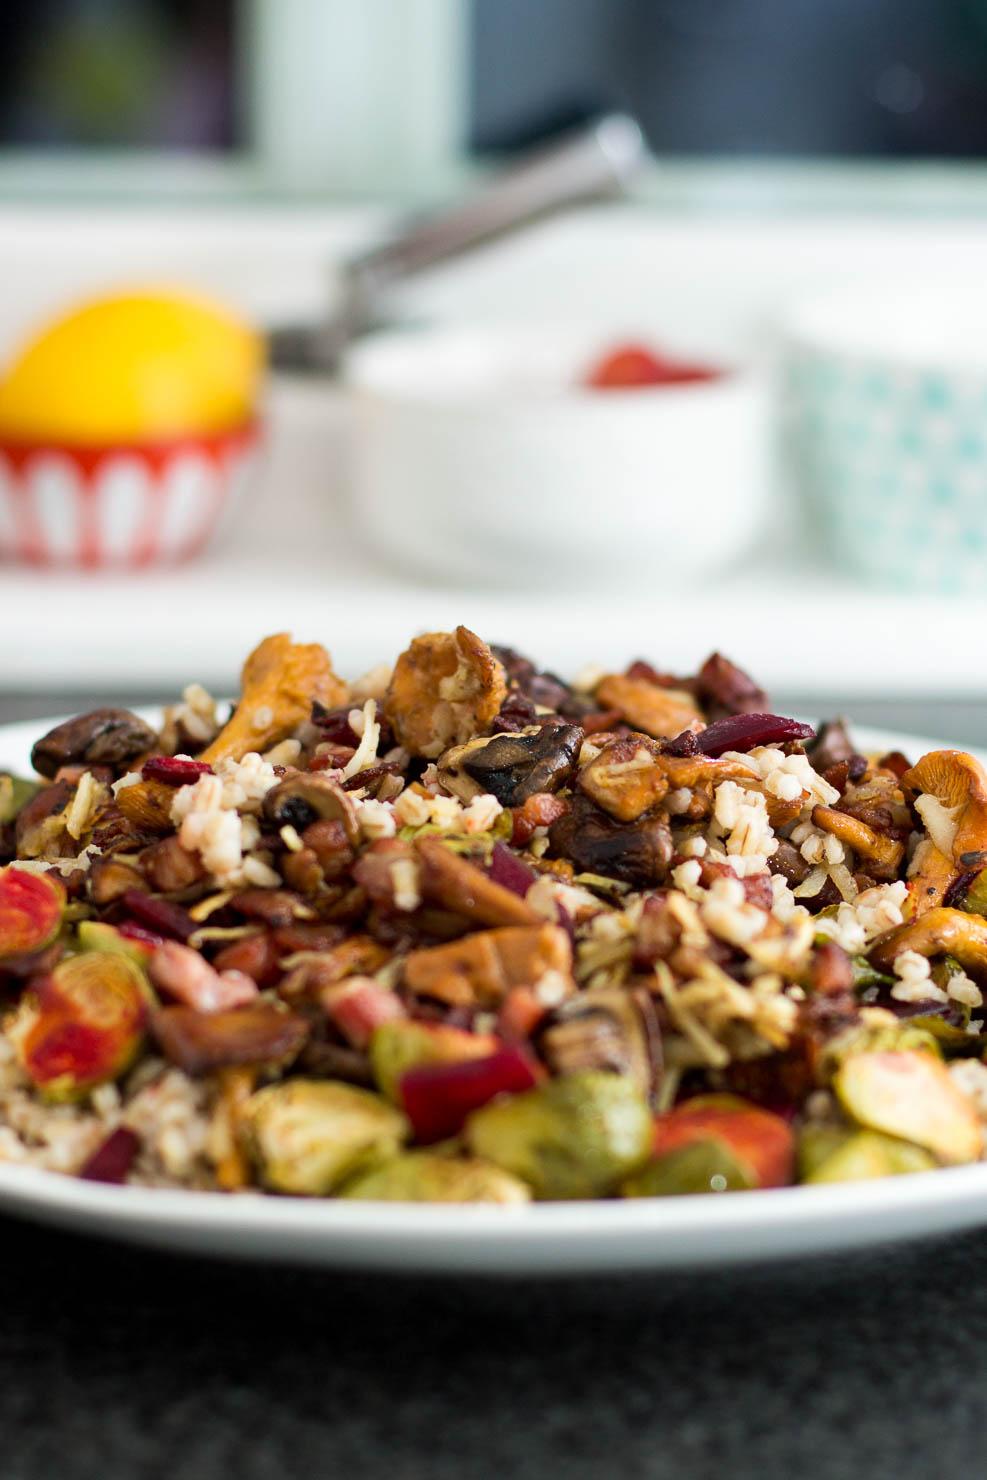 Høstens byggrynsalat med rosenkål, rødbeter og bacon